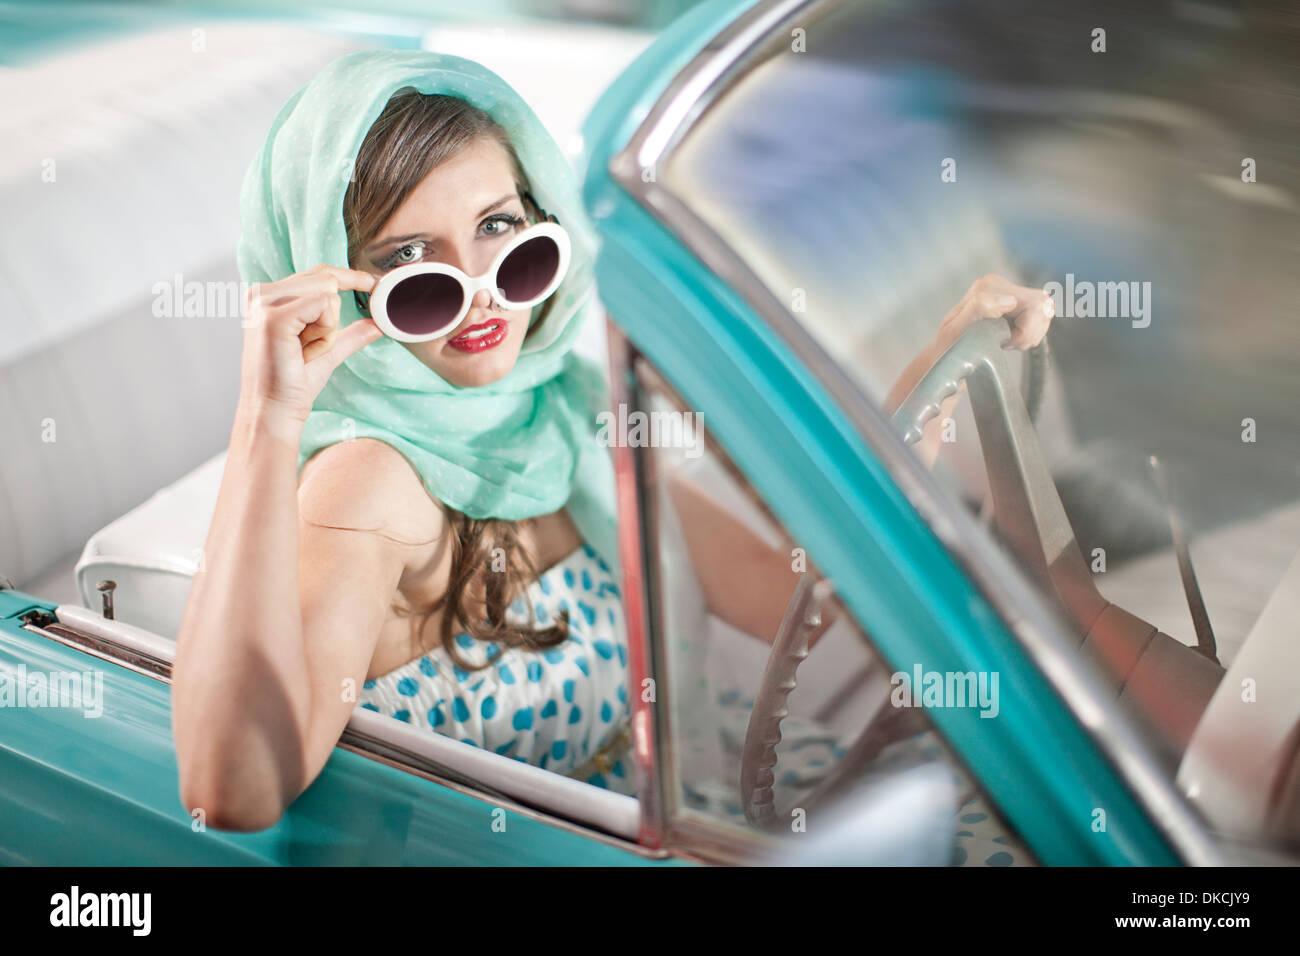 Foulard Femme à lunettes en descente convertible vintage Photo Stock